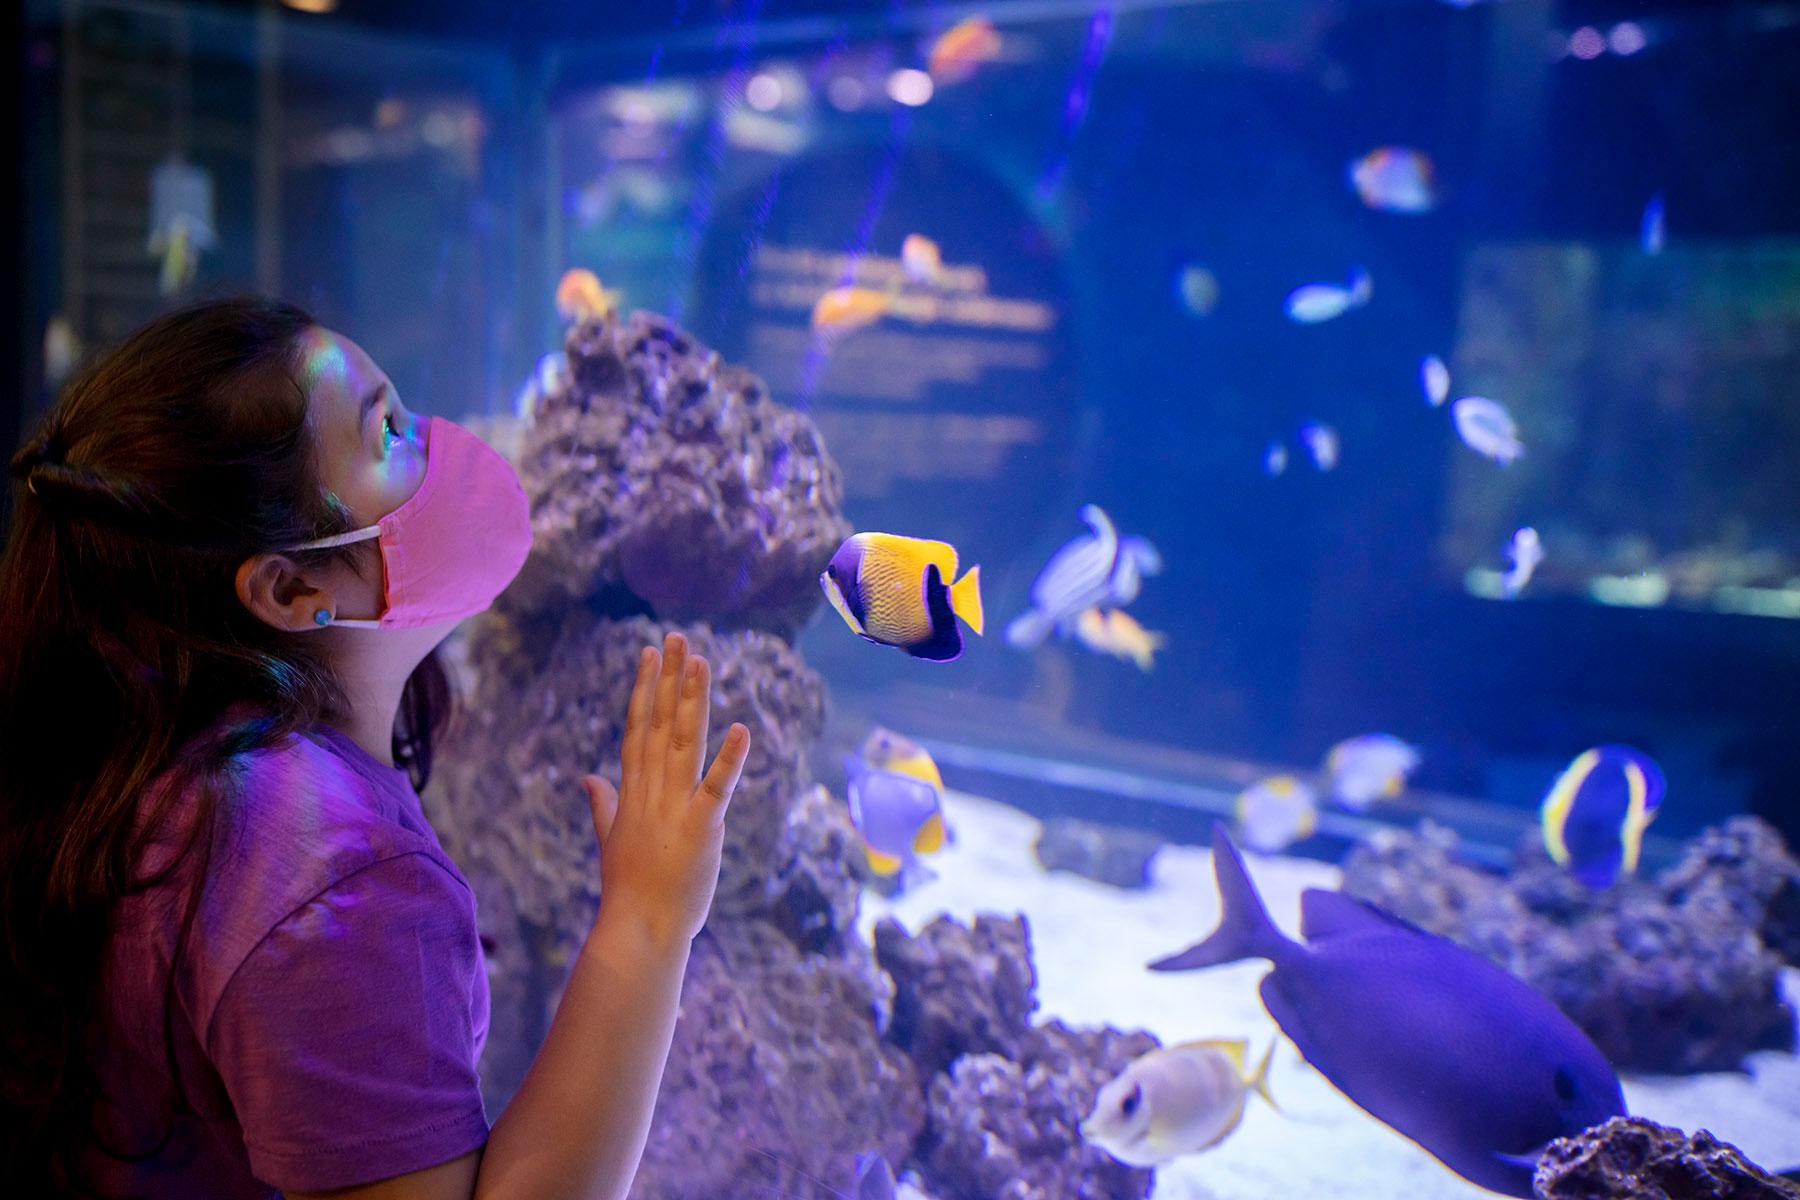 A young girl looks at fish a Shedd Aquarium